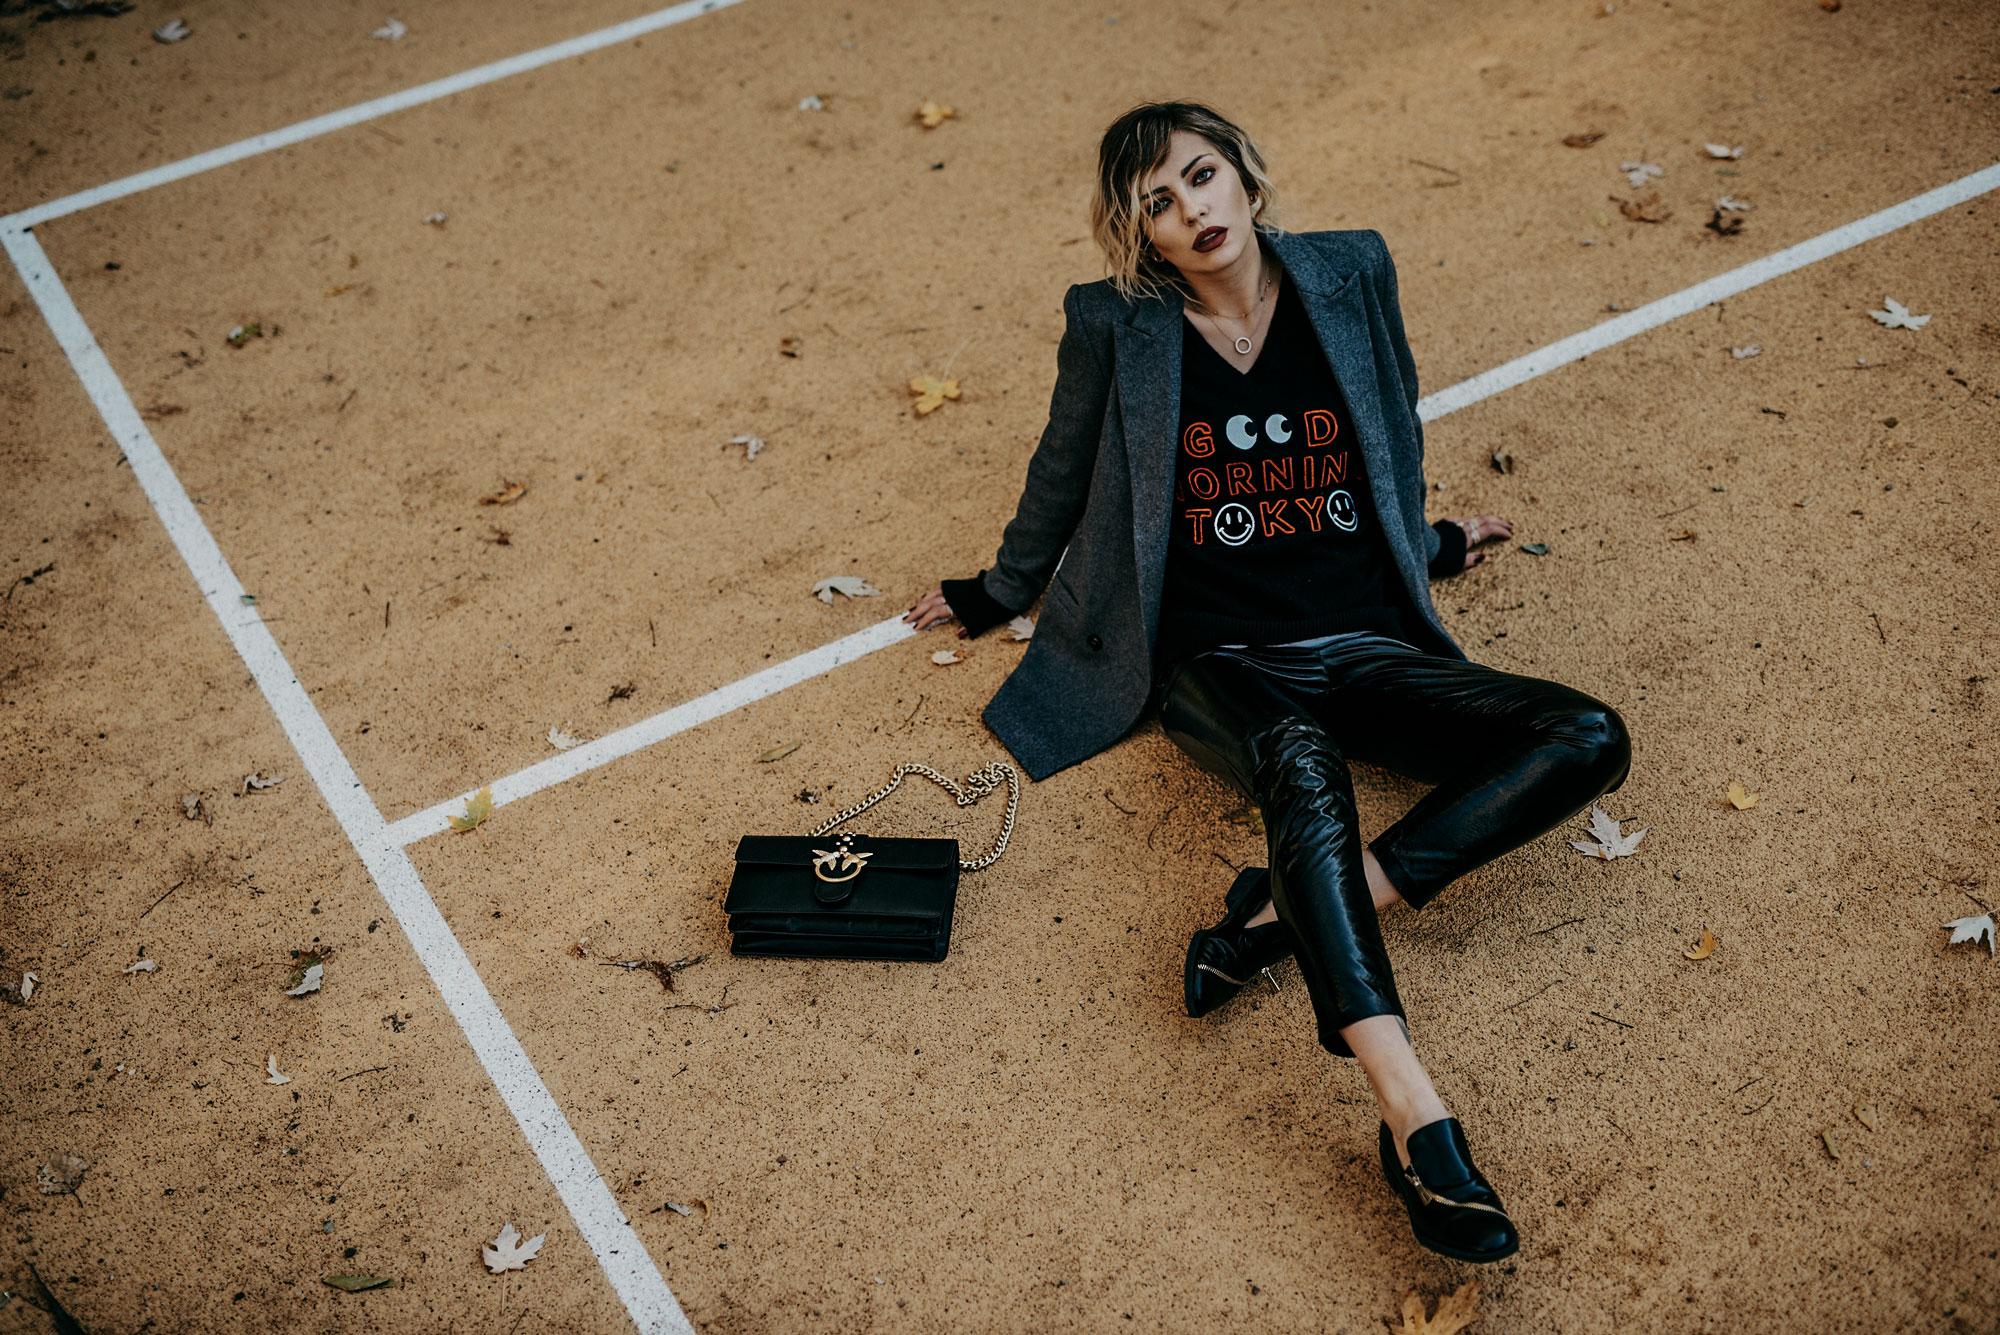 Gelber Spielplatz Berlin, Kreuzberg | образ: черные латексные штаны от Zara, черная сумка Pinko, кашемир Lauren Moshi | стиль: броский, черный, гранжевый, художественный, винил